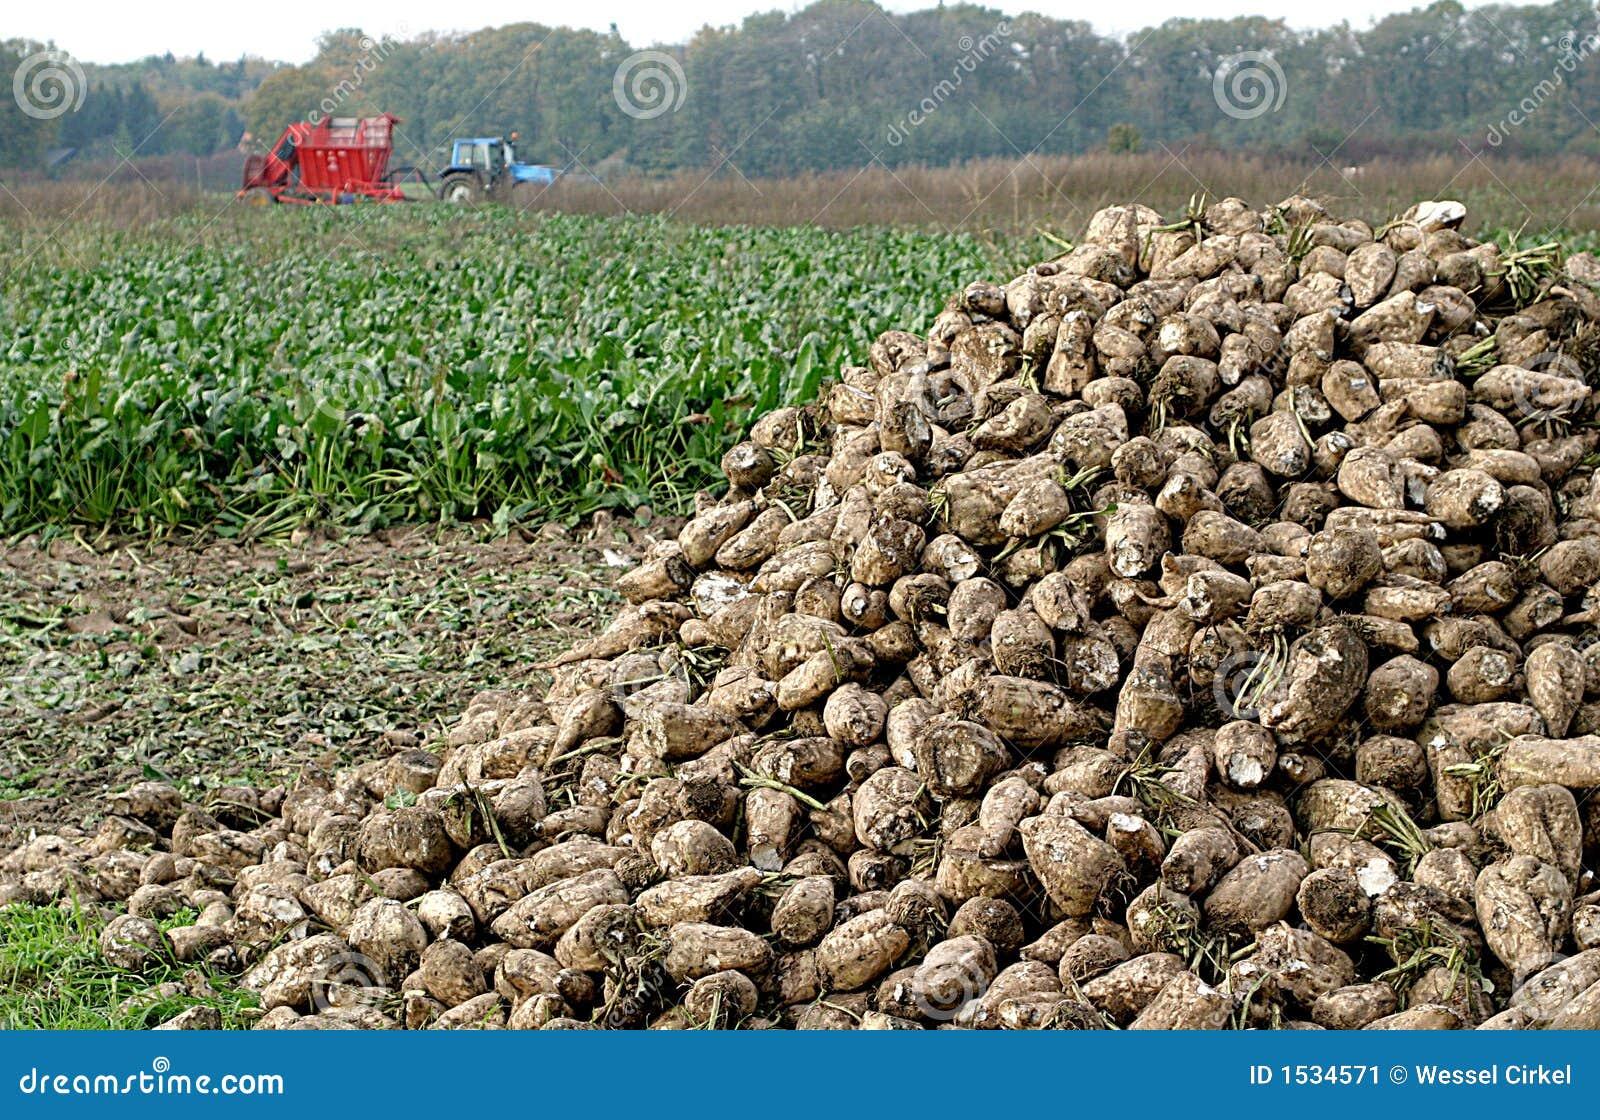 Digging of sugar-beets